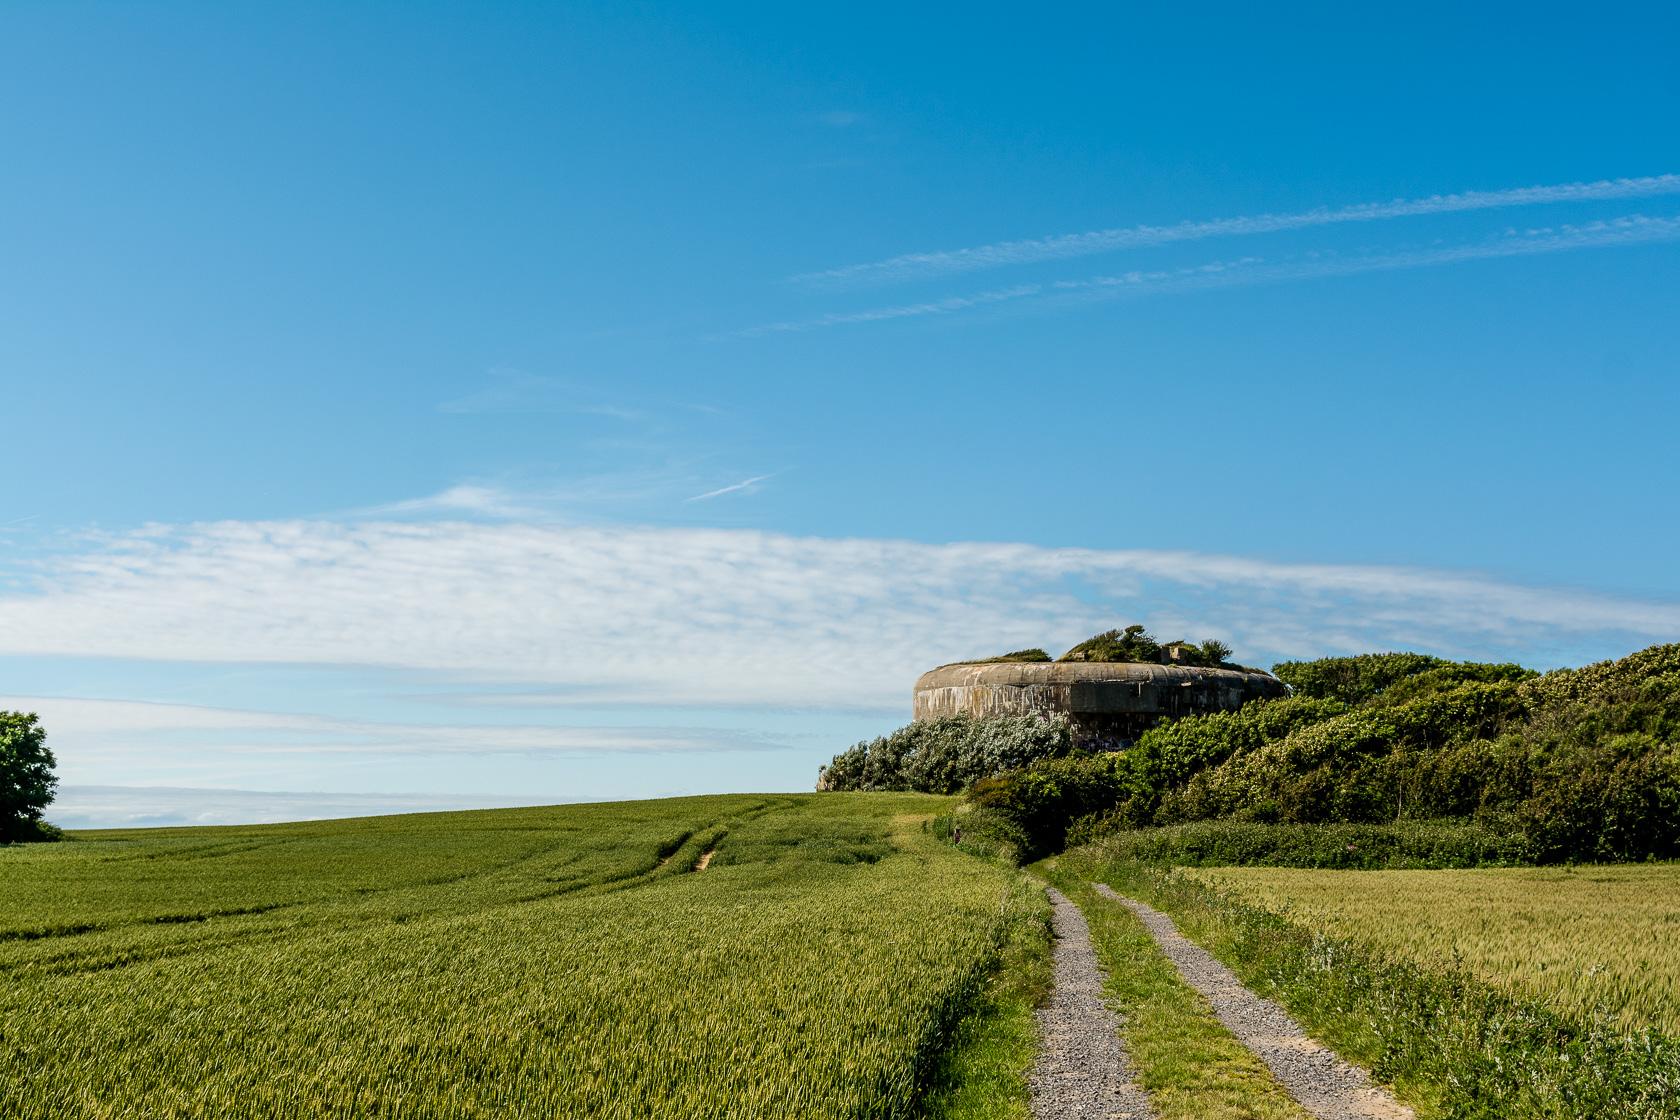 Nordfrankreich – Cap Blanc-Nez, Batterie Todt und netter Bunker :)